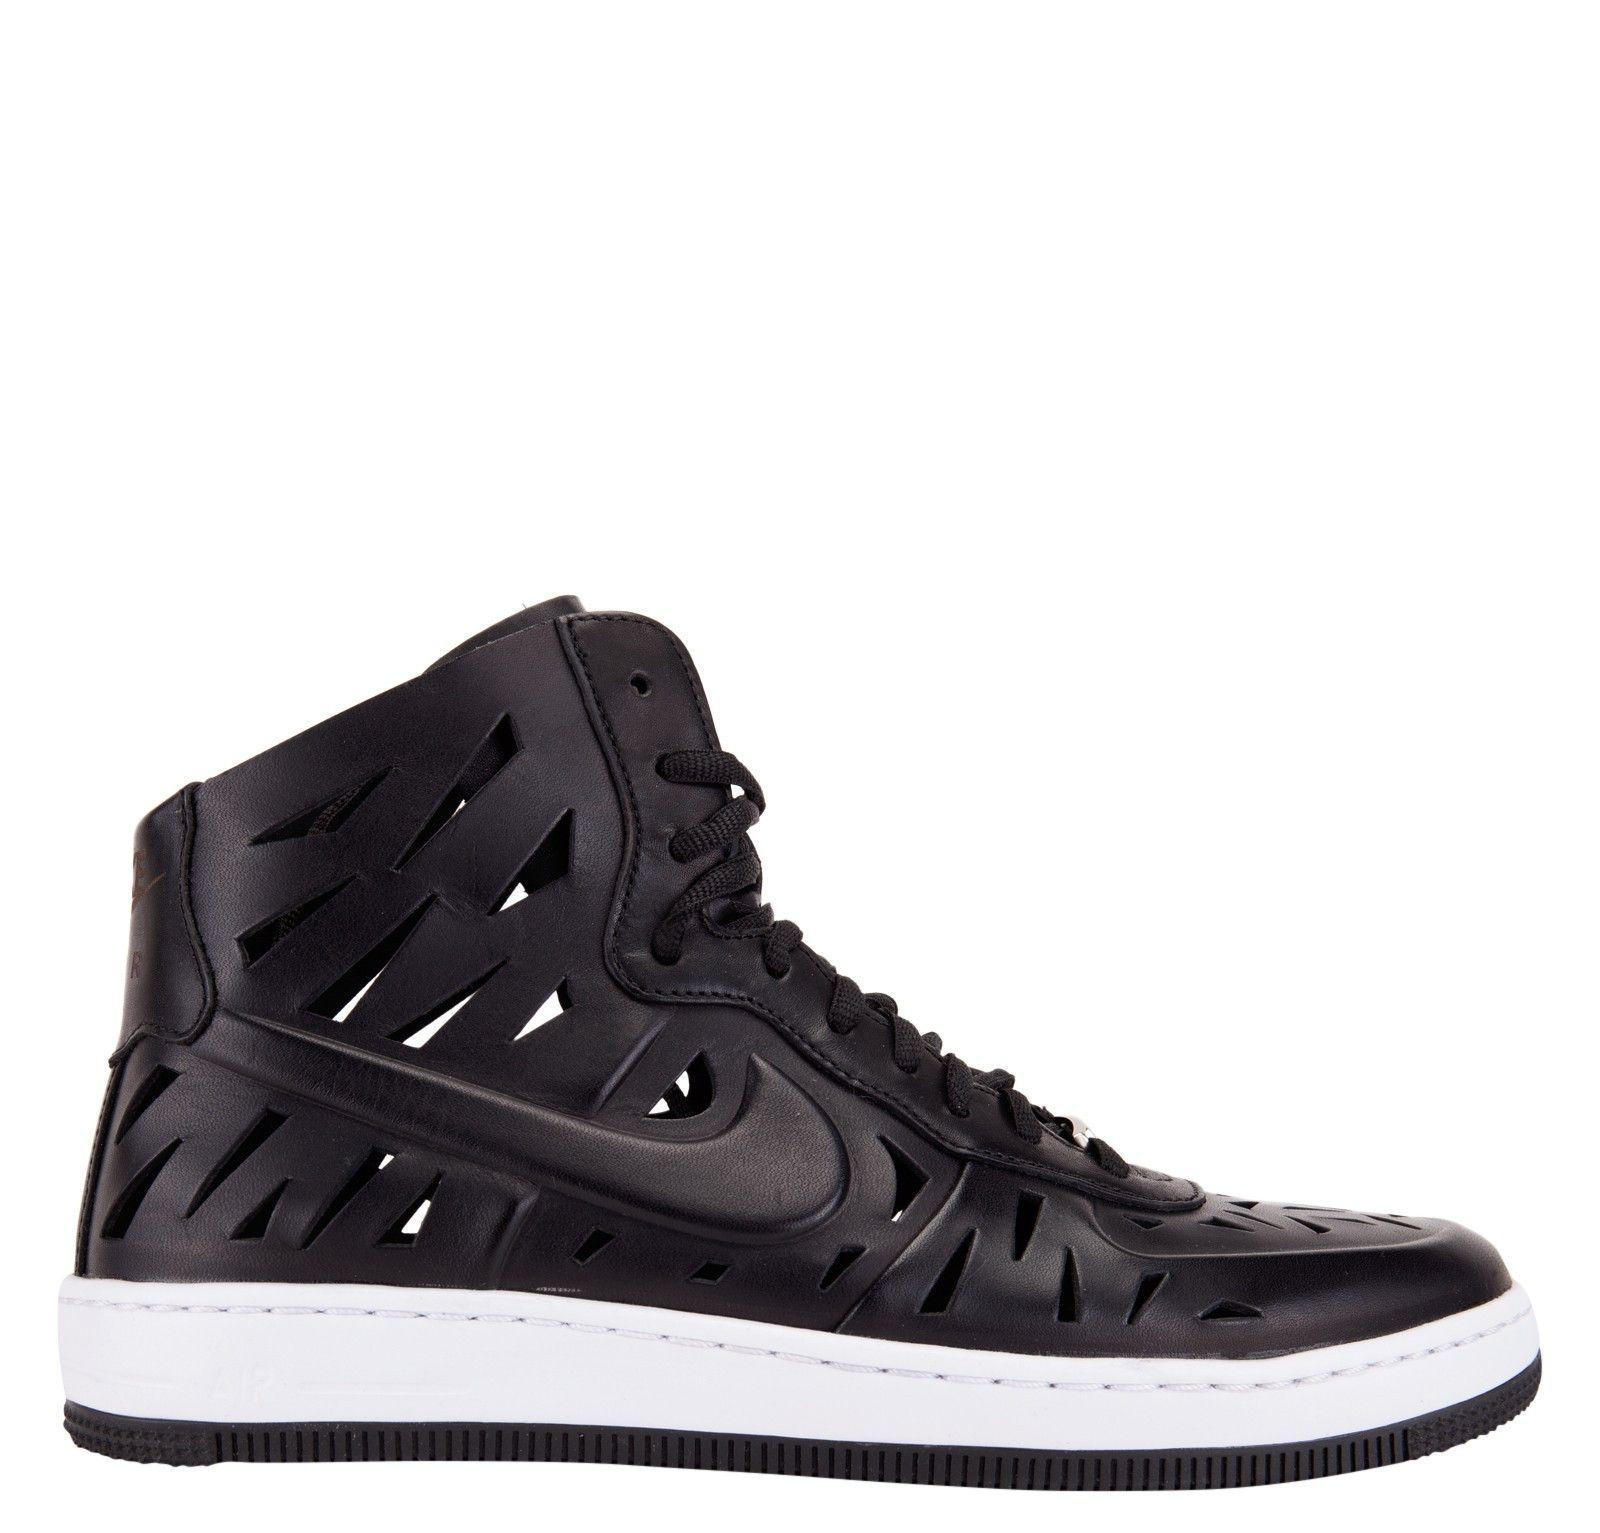 Nike Womens Air Force 1 Ultra Force Mid Joli Black White Step ur